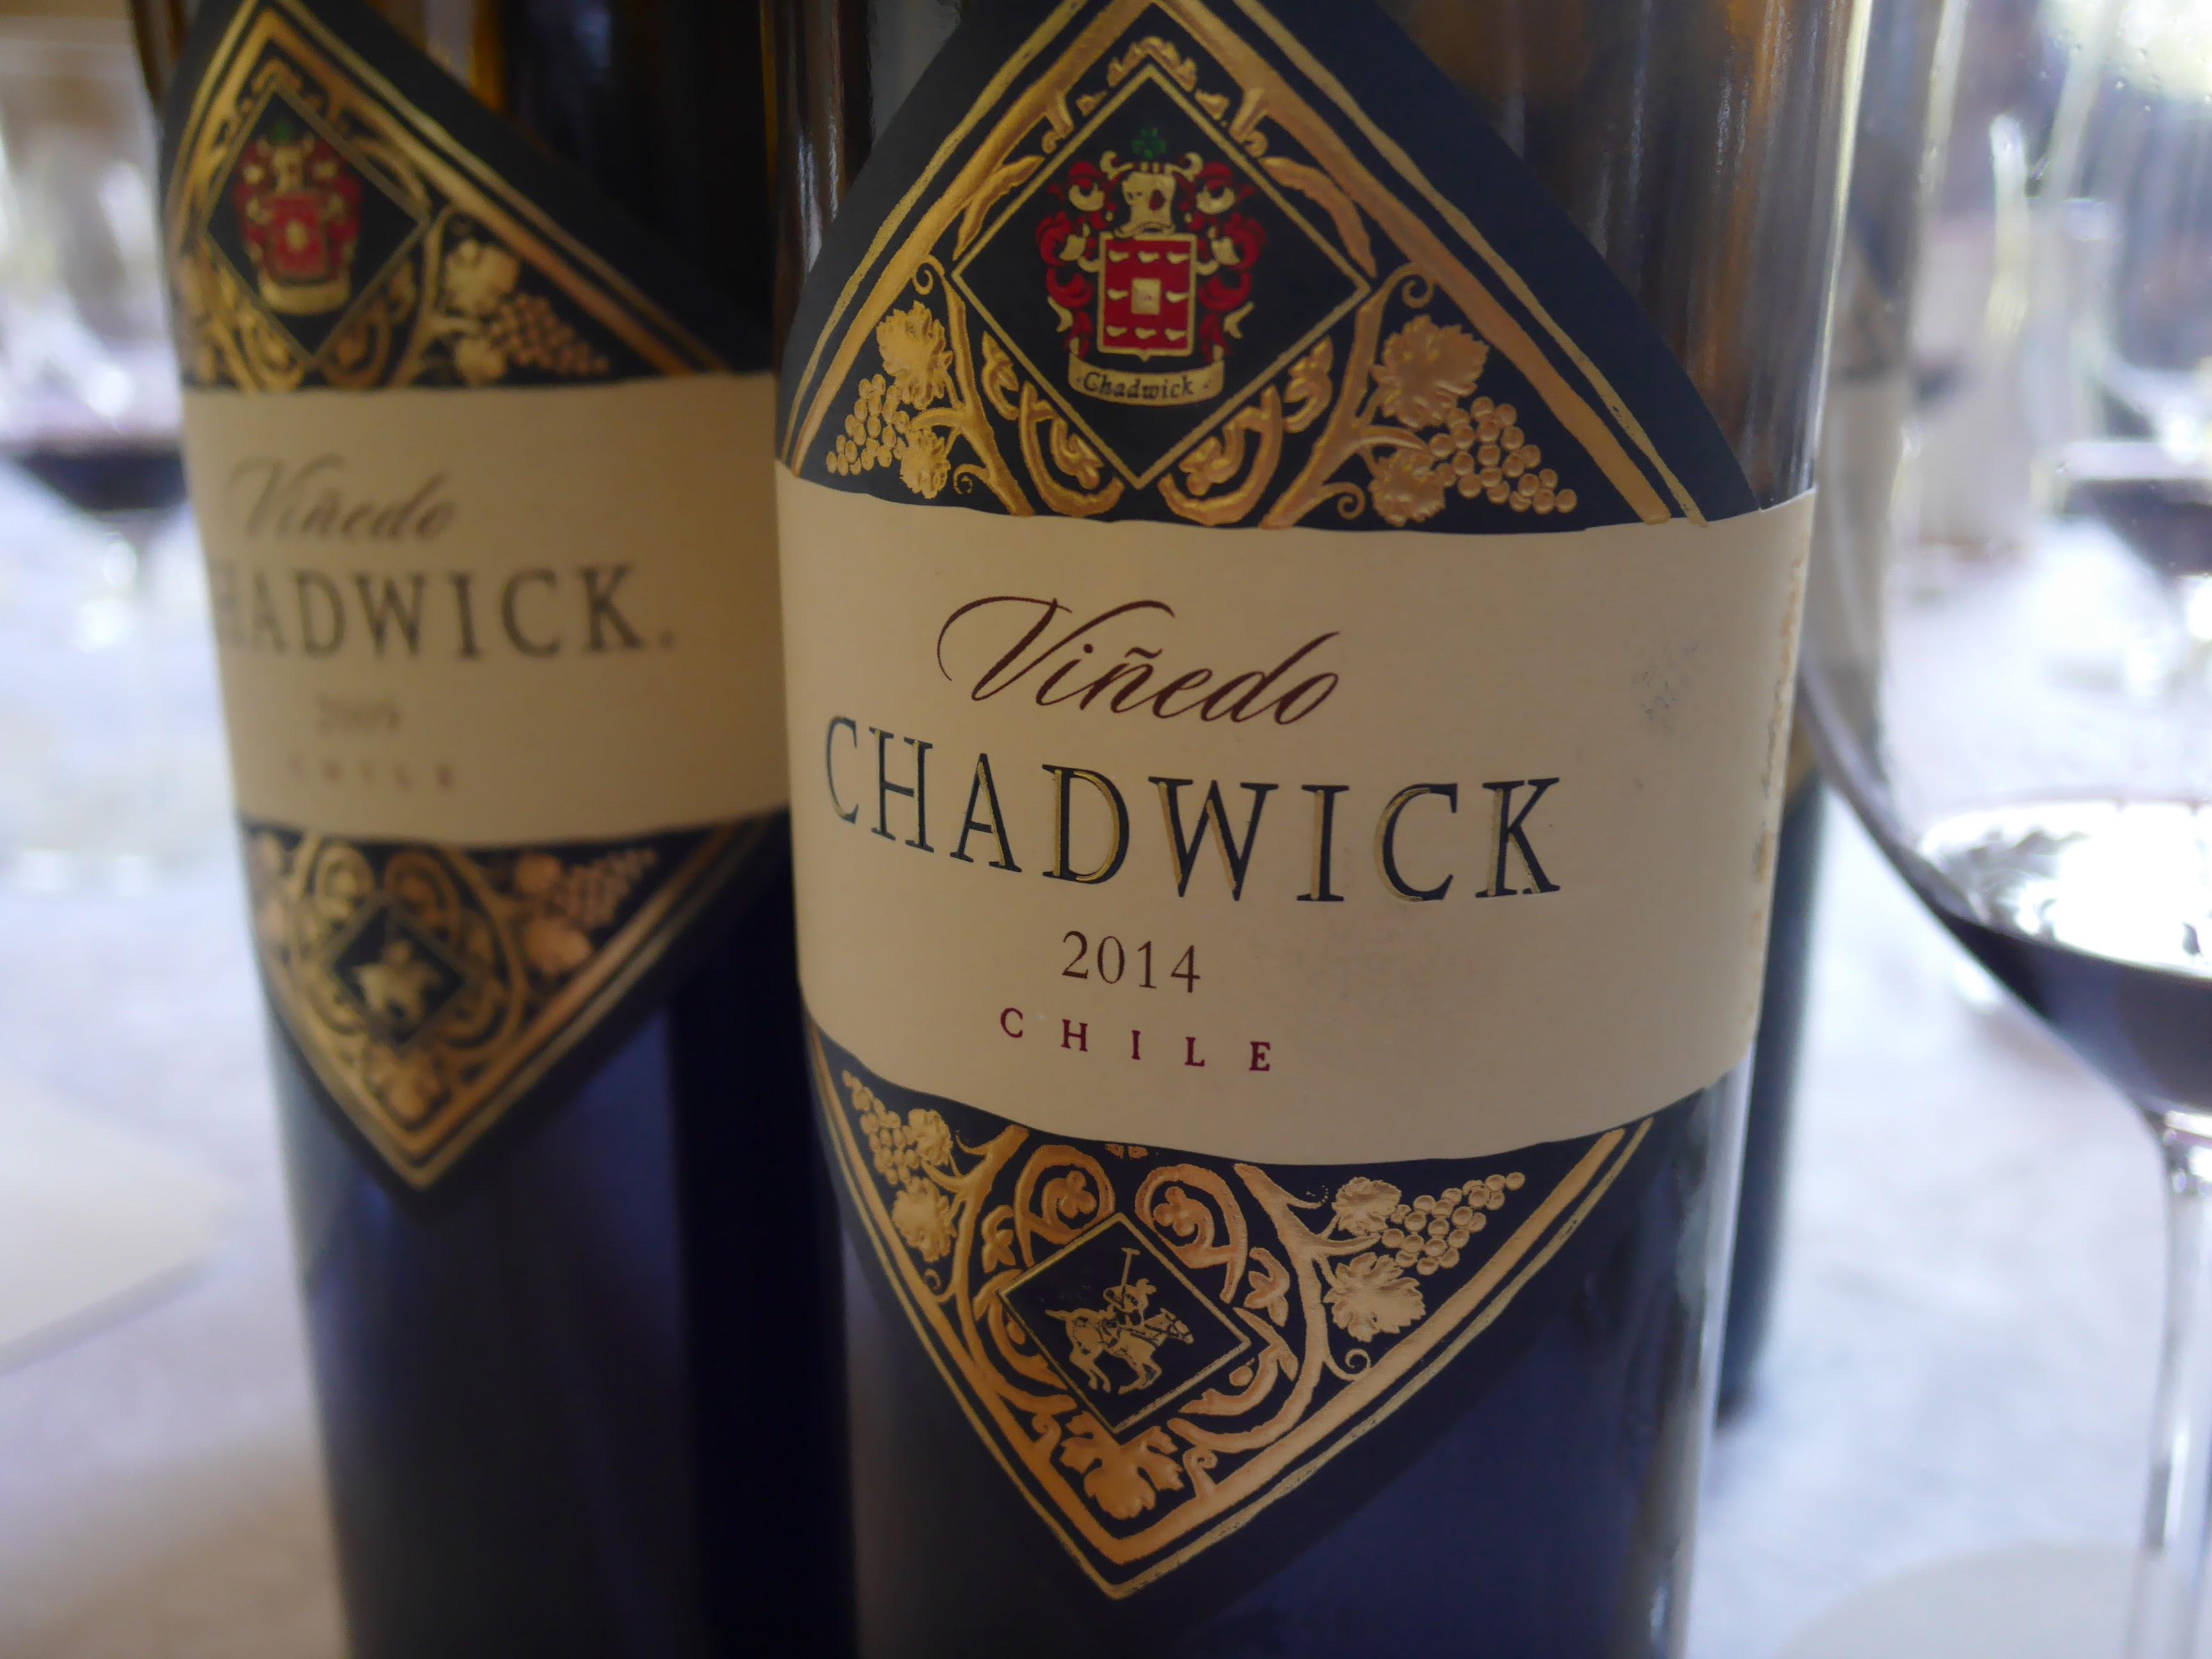 chadwick2014